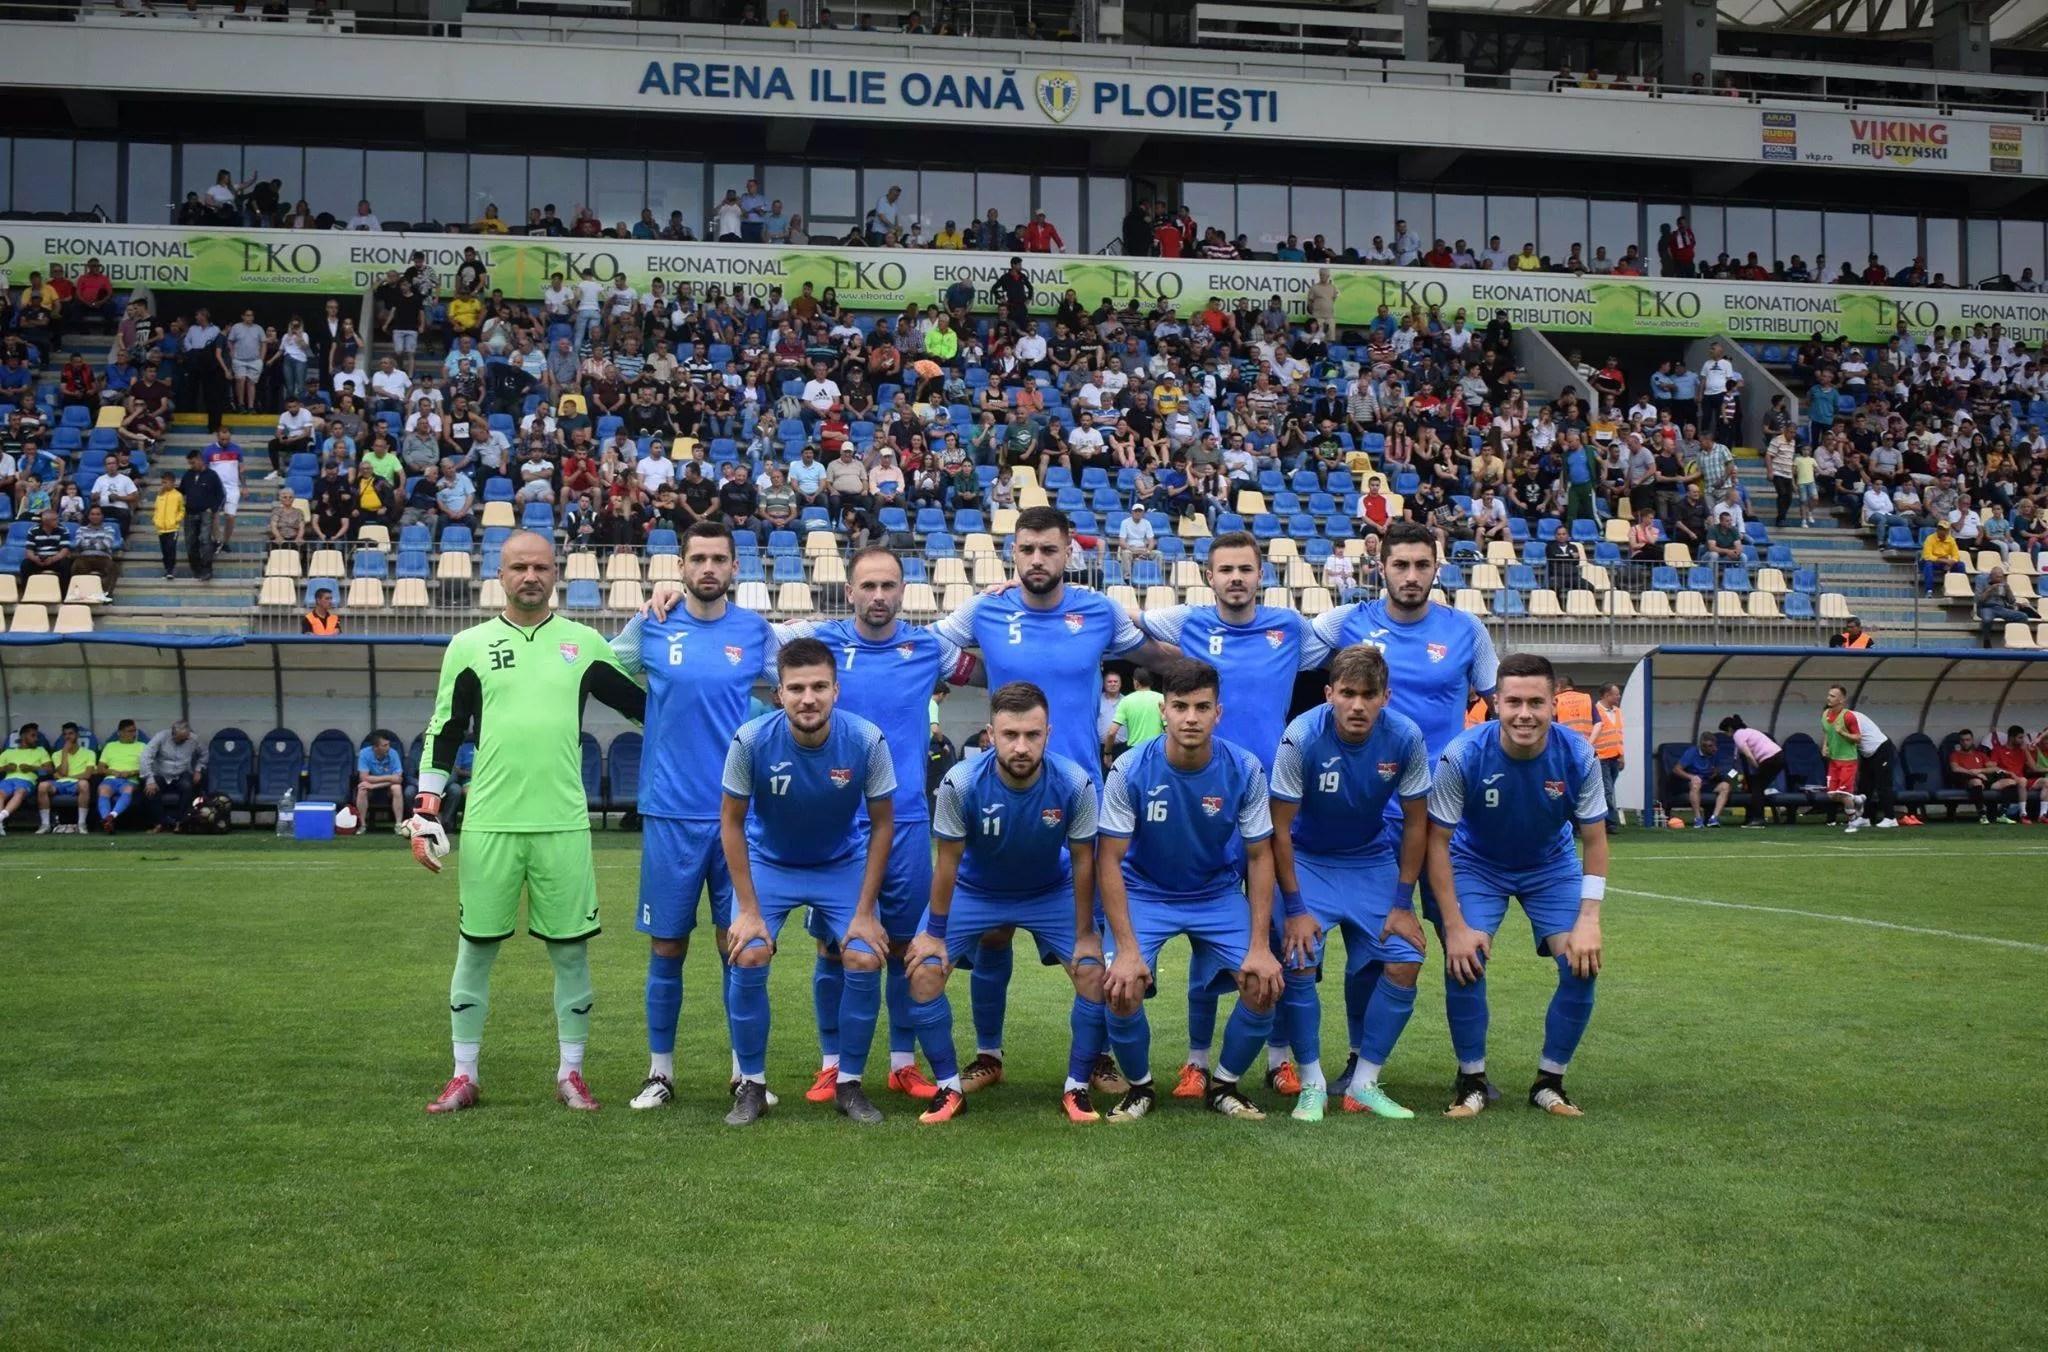 CS Blejoi – primul pas spre promovarea în Liga a III-a? La Izvoarele, în Giurgiu, cu AS Mihai Bravu, pentru X2!